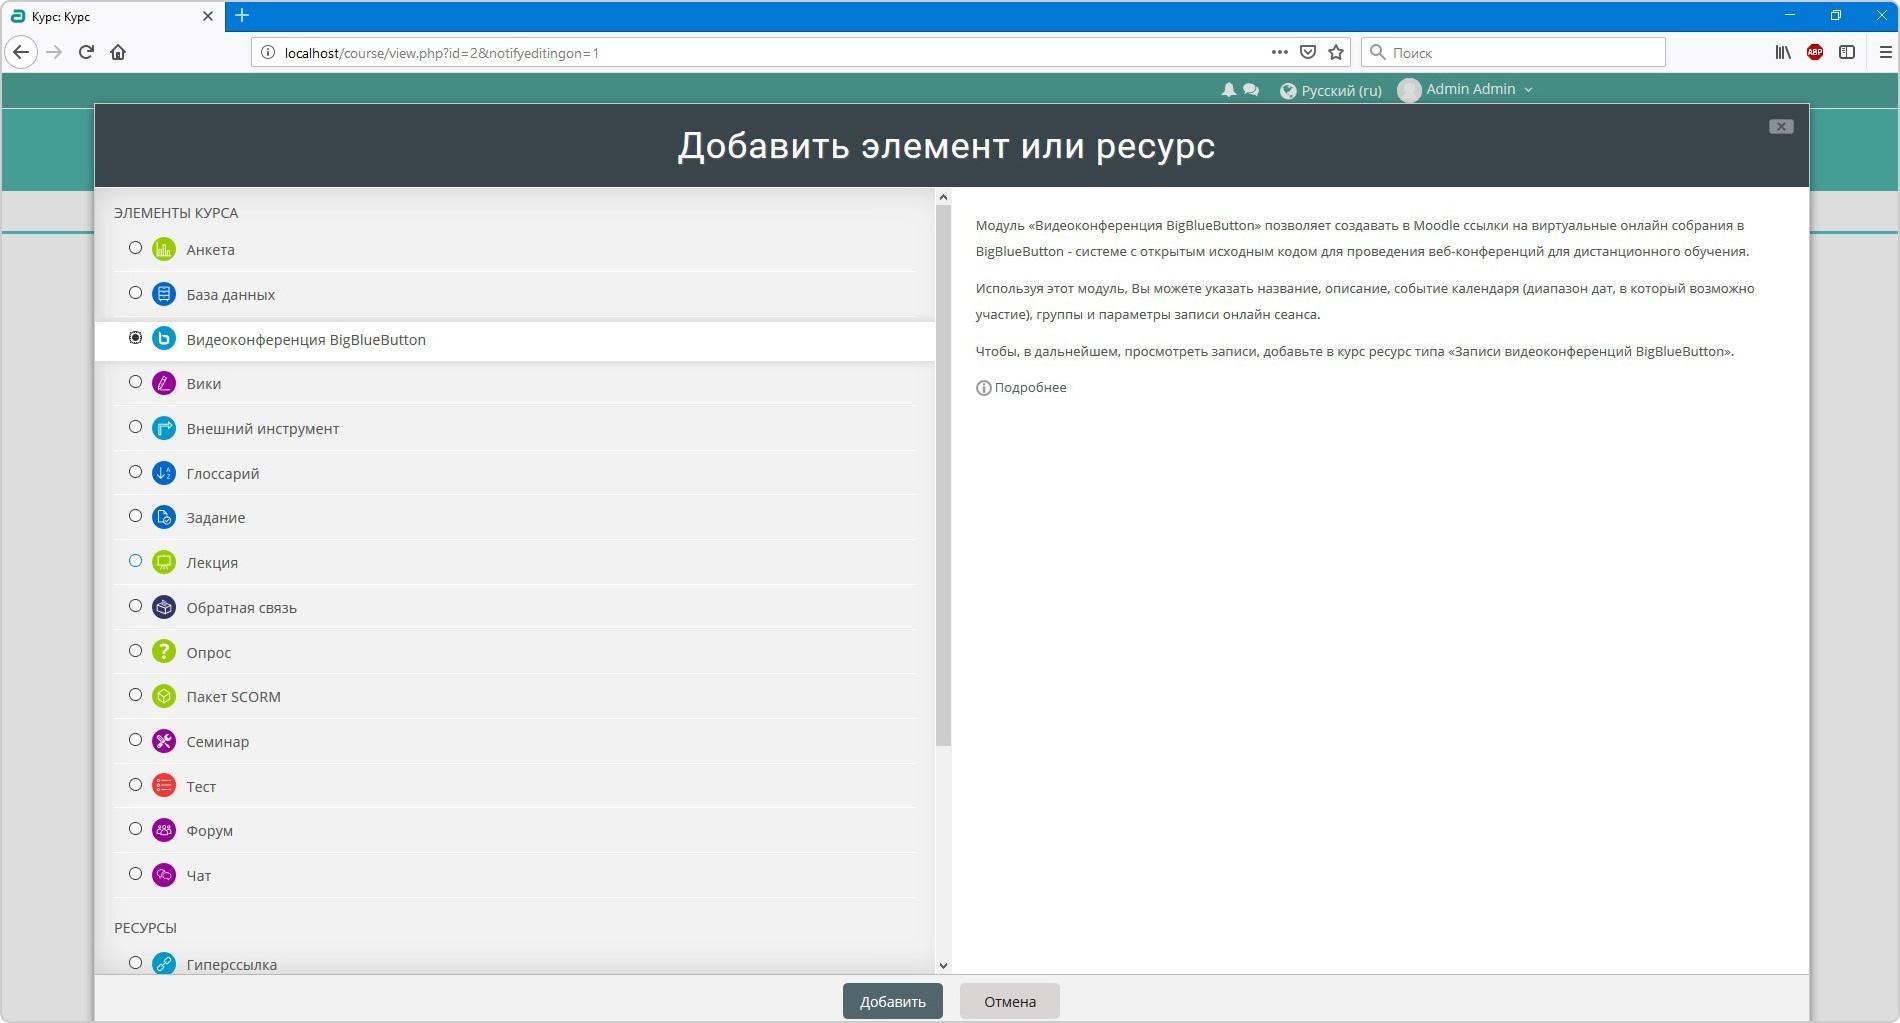 Интеграция с вебинарами в Moodle